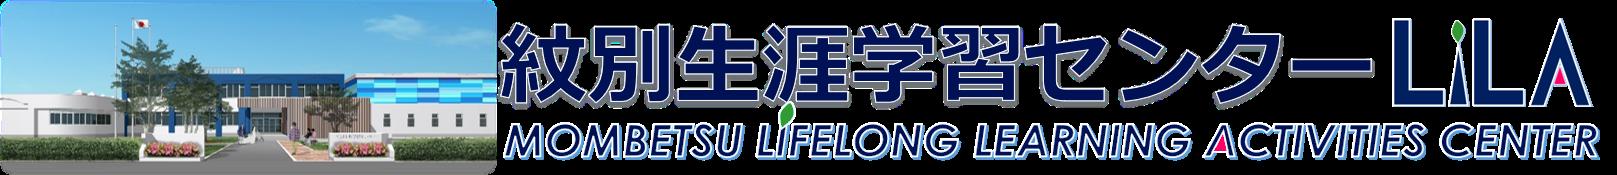 紋別生涯学習センター